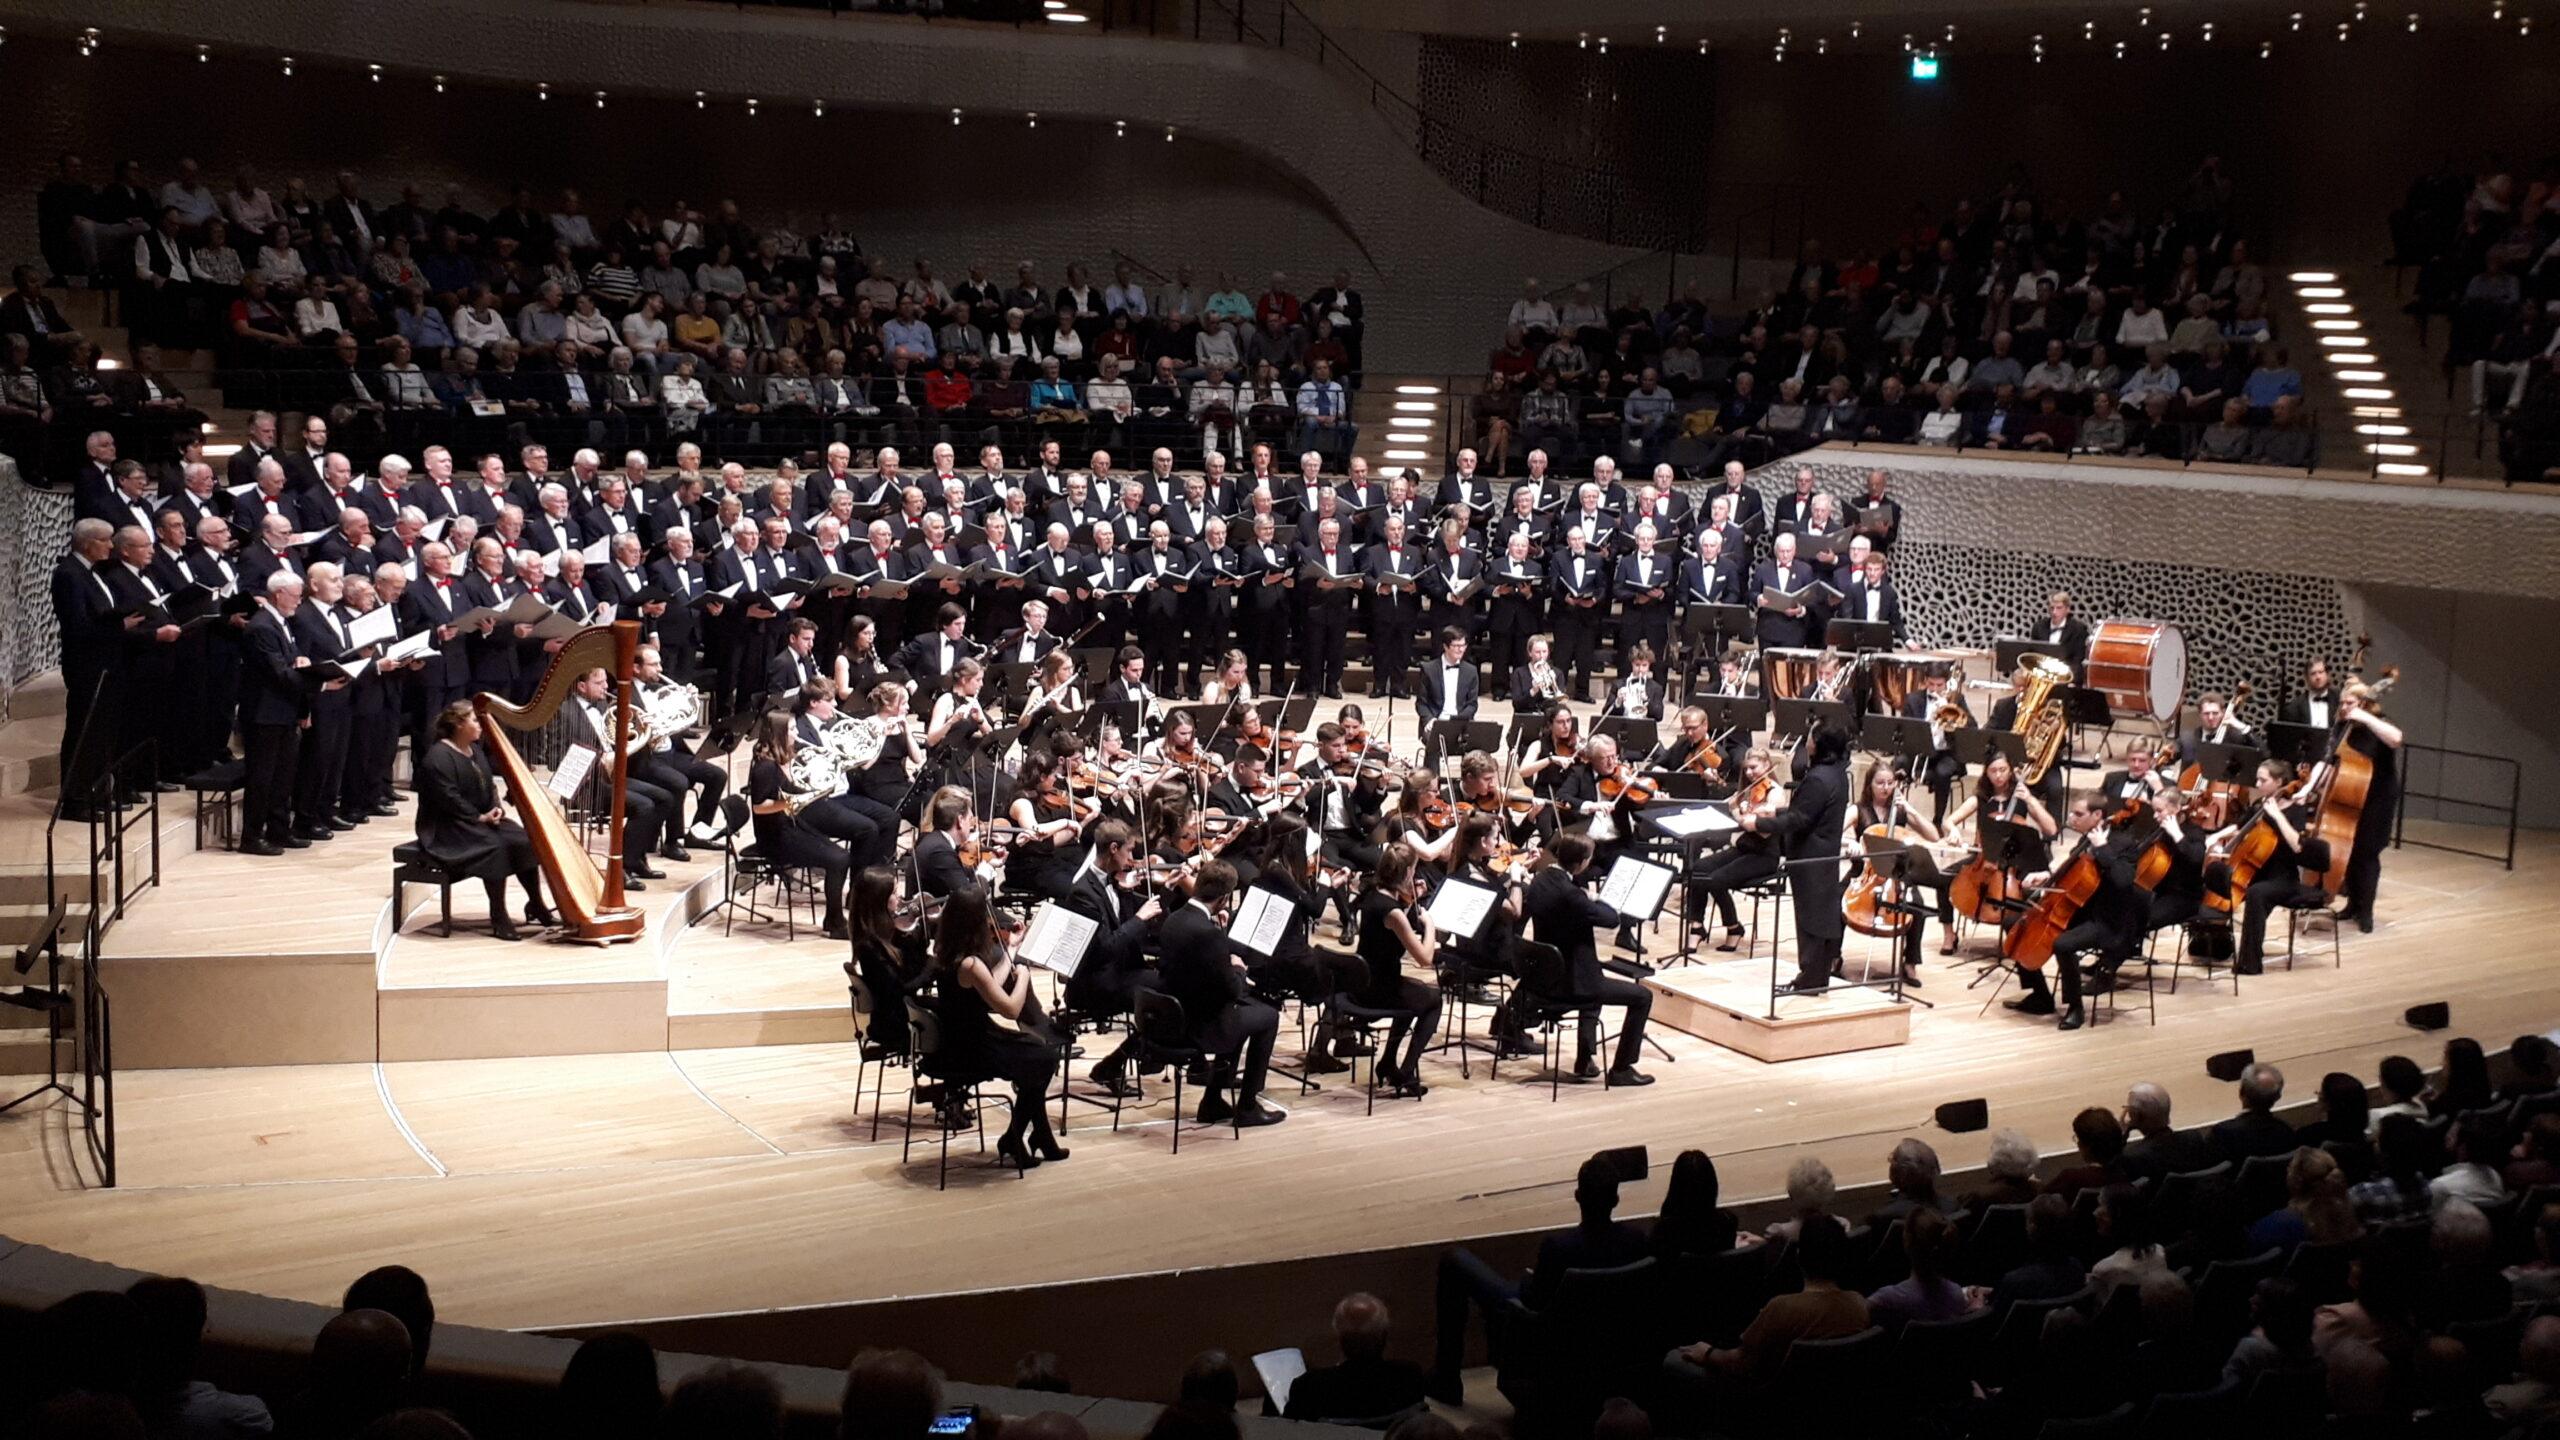 Konzert in der Elbphilharmonie am 23.10.2019